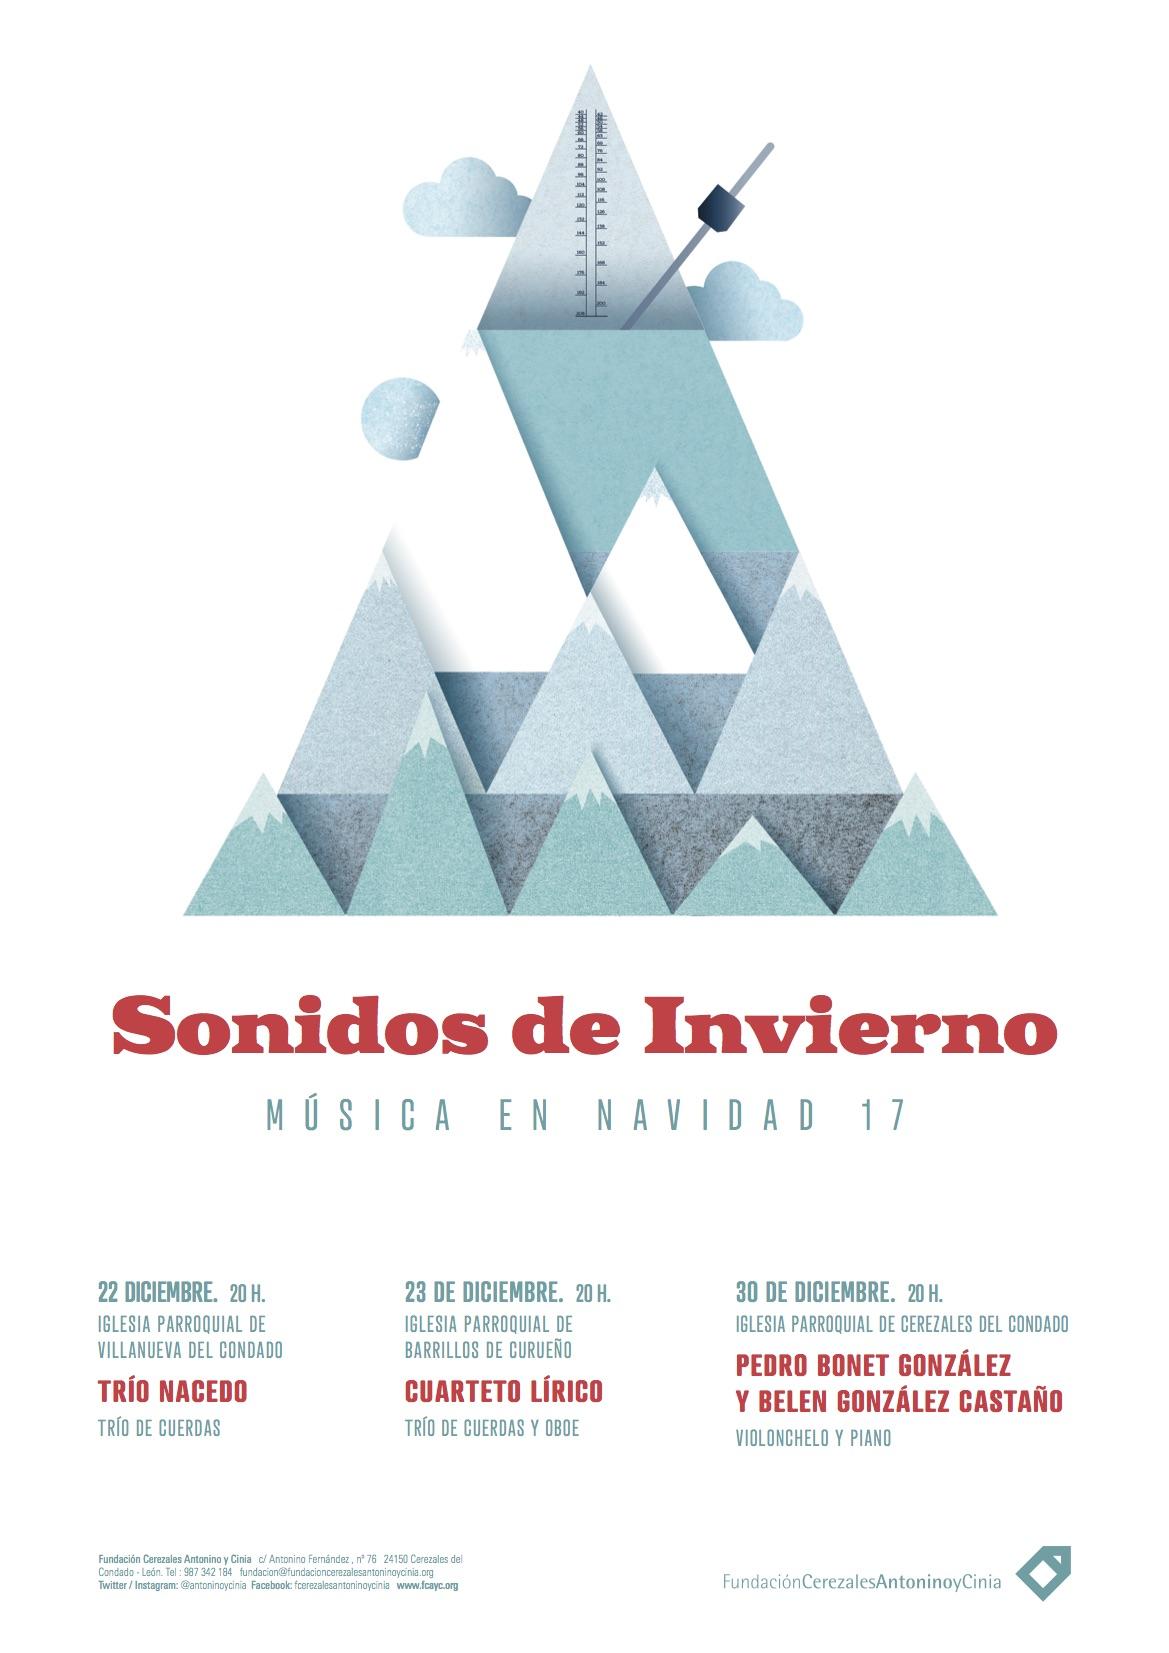 Cartel-Sonidos-de-invierno-17- Fundacion Cerezales